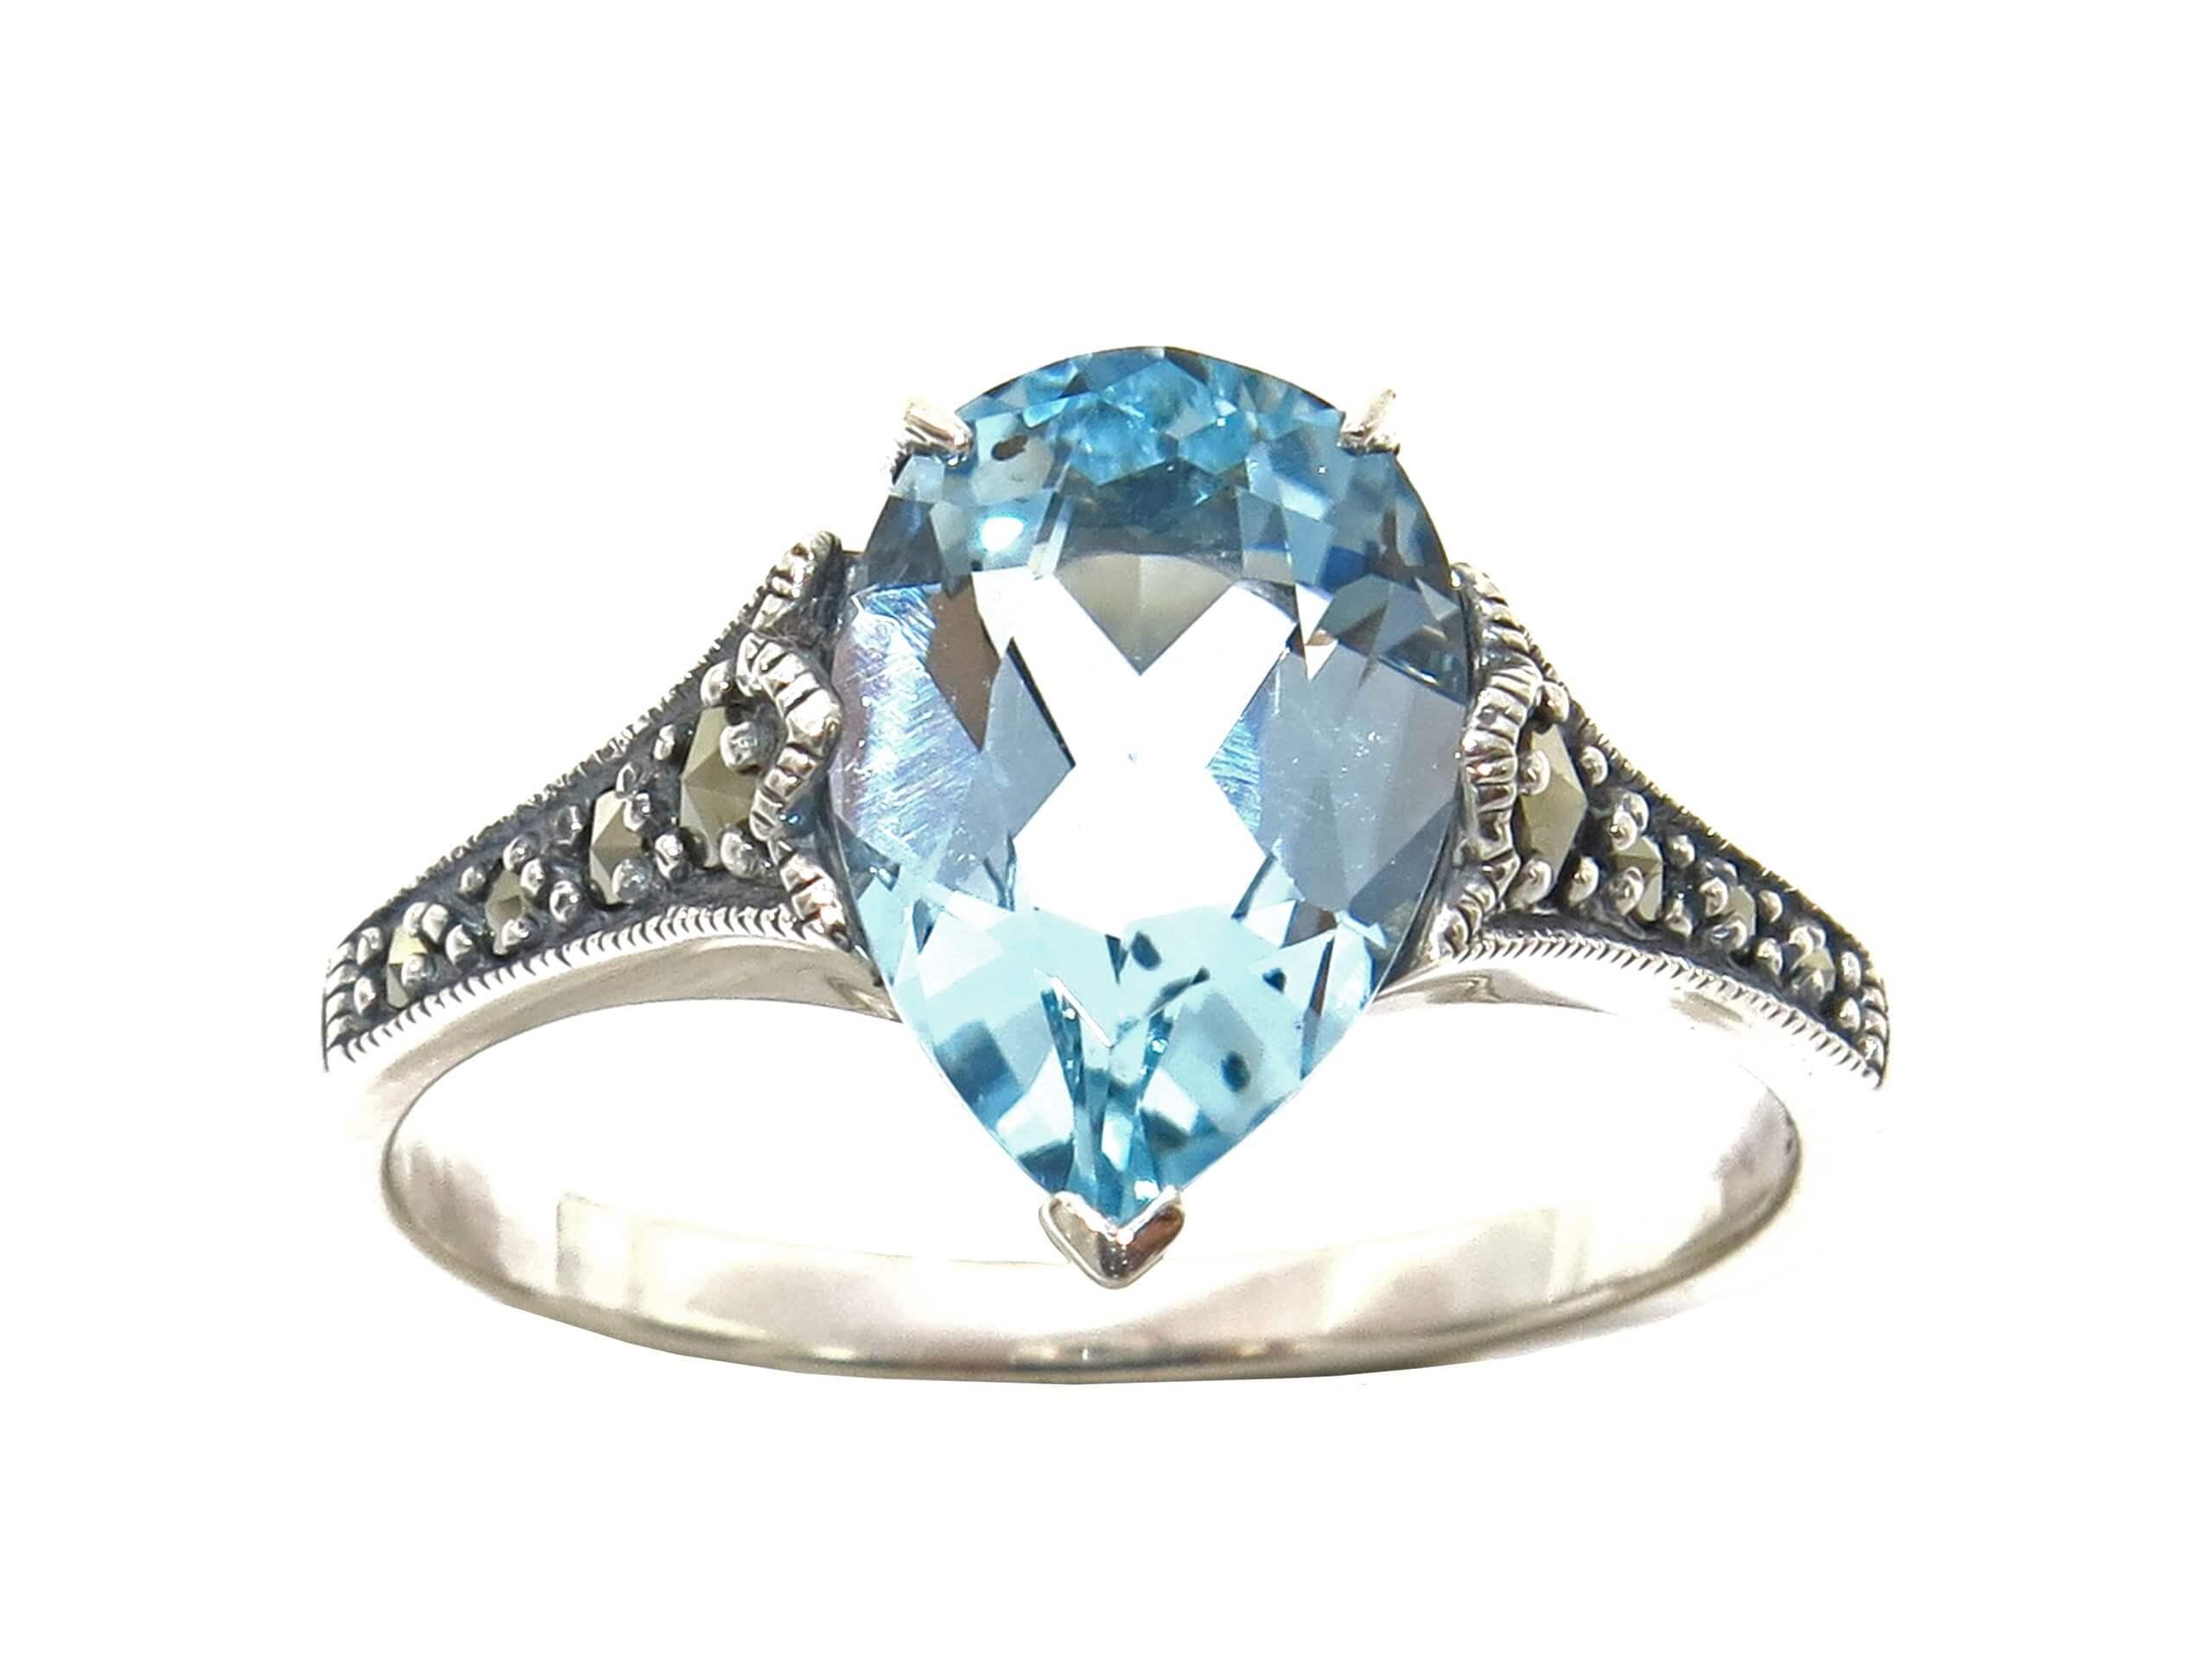 BLUE TOPAZ RING MJ24543